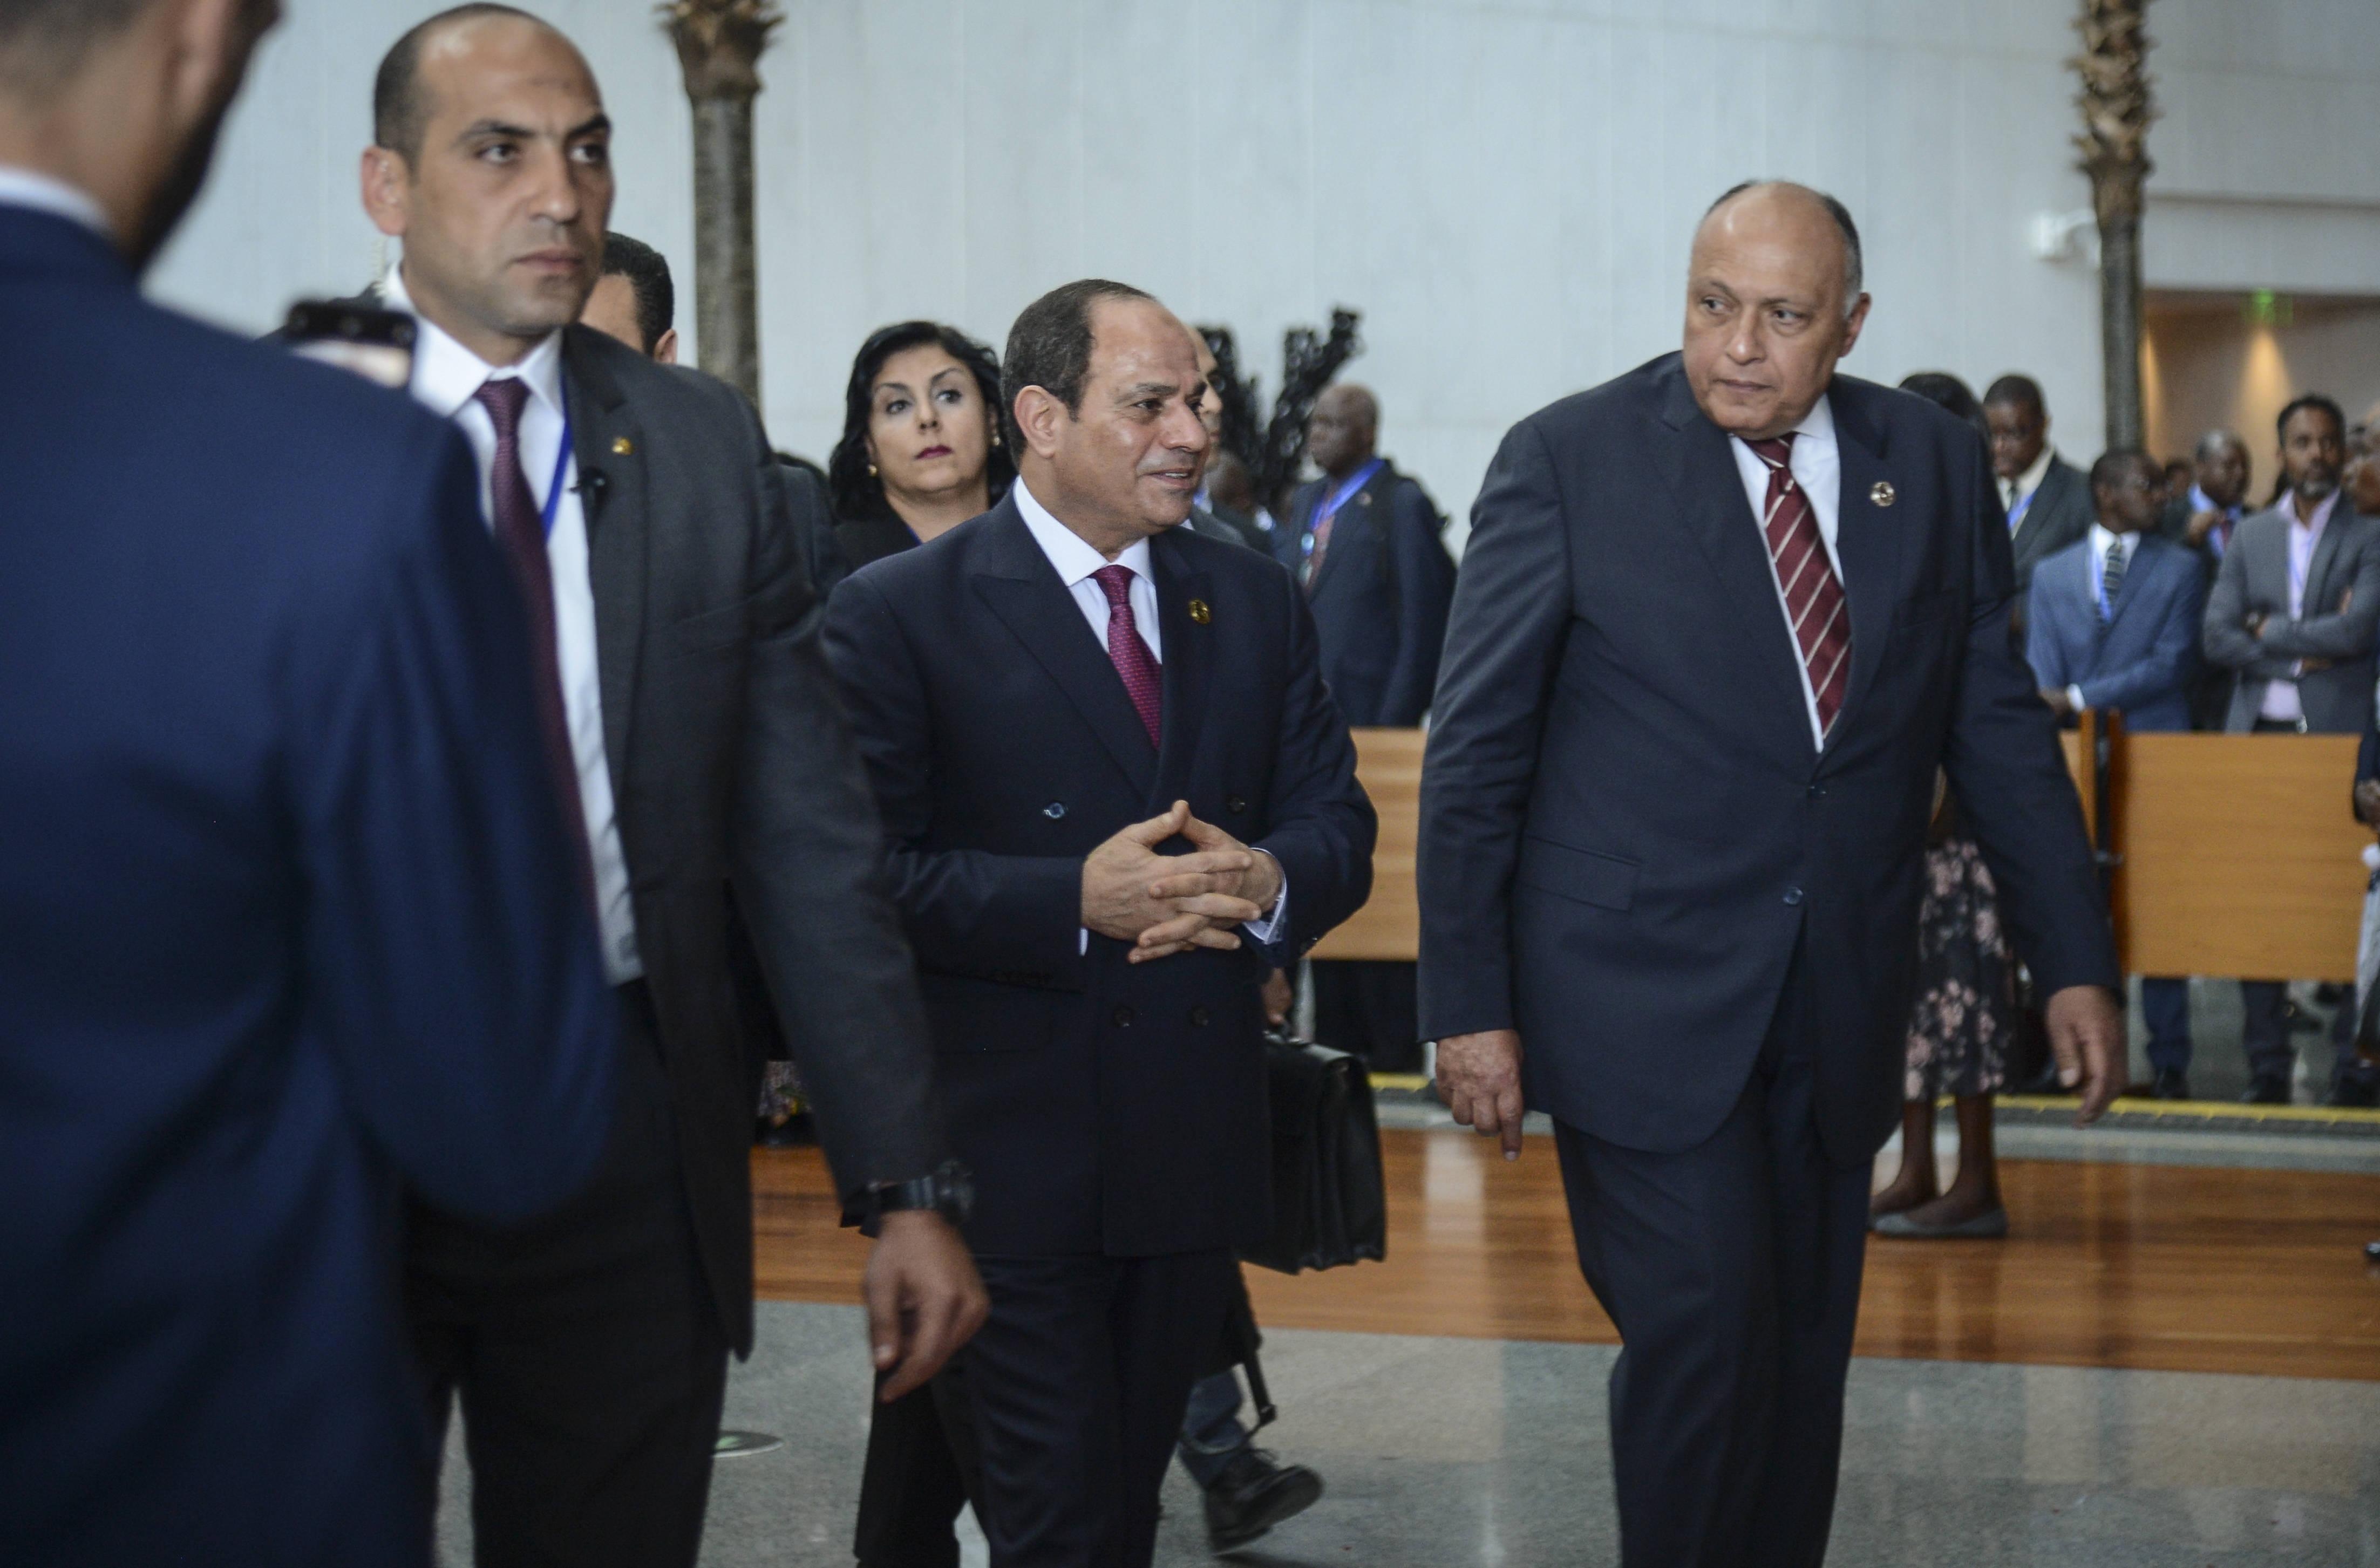 Le président égyptien Abdel Fattah al-Sissi arrive au sommet de l'Union africaine à Addis-Abeba, le 9 février 2020.